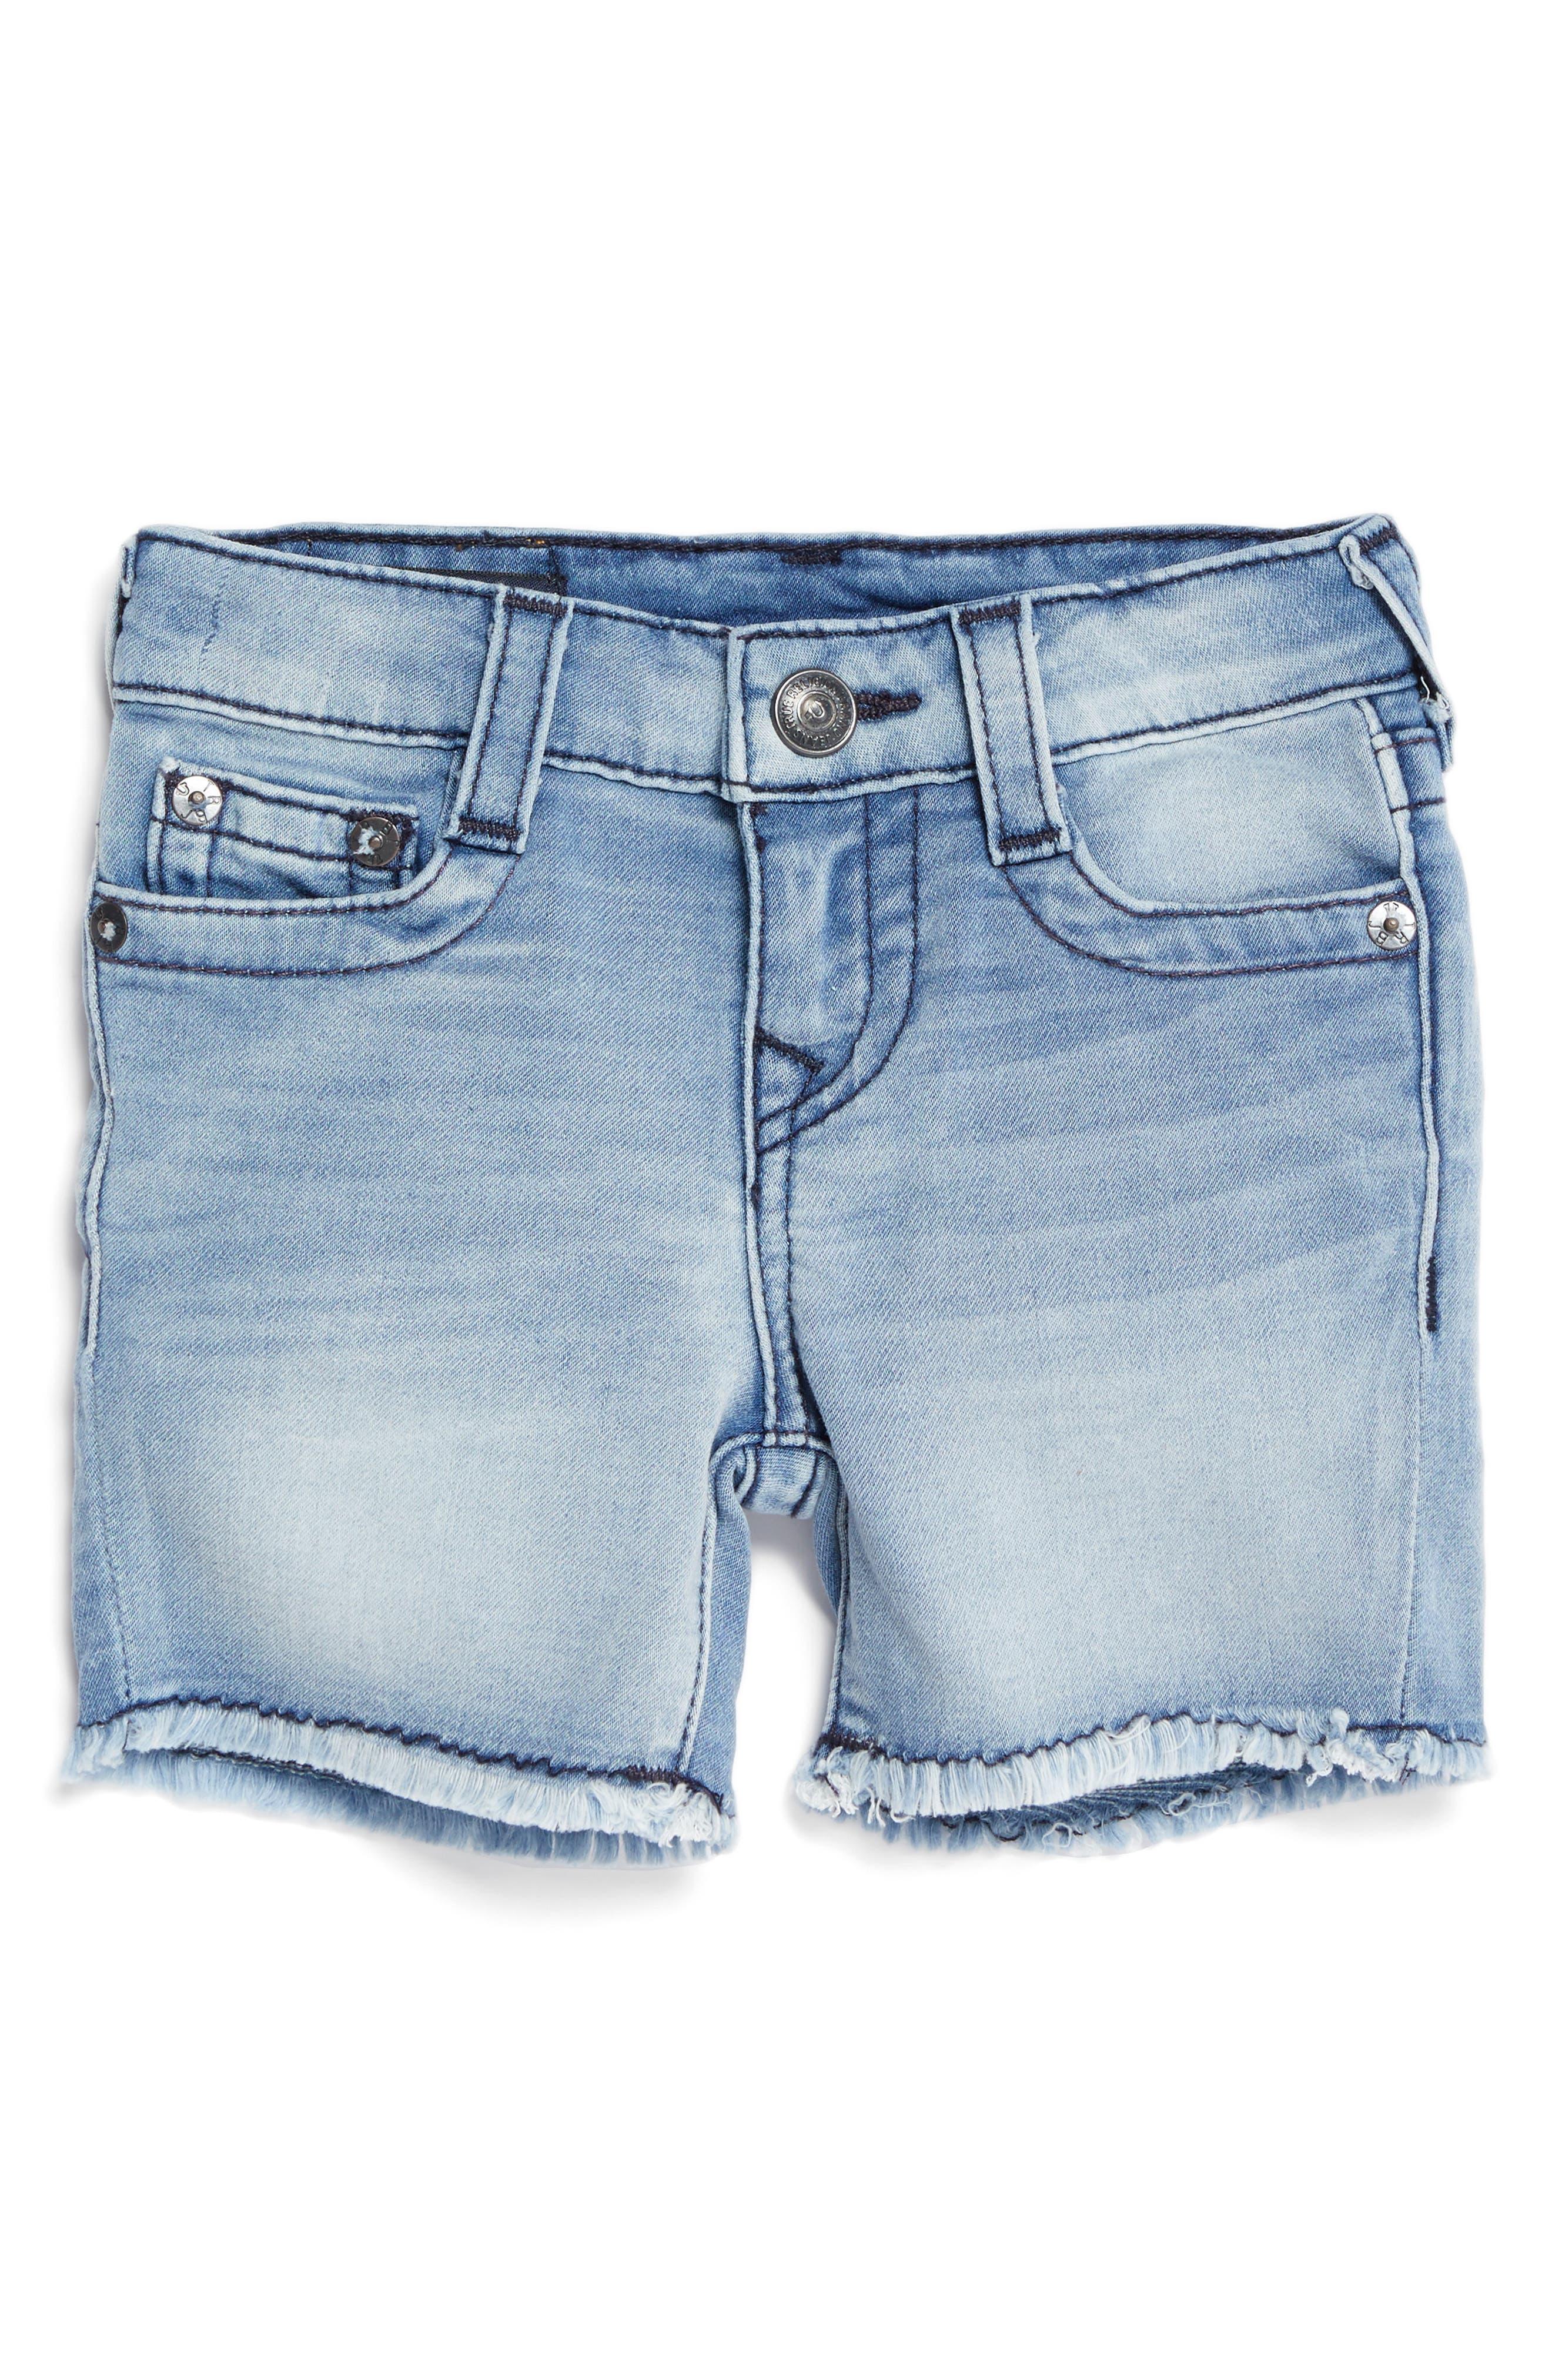 True Religion Geno Denim Shorts (Baby)